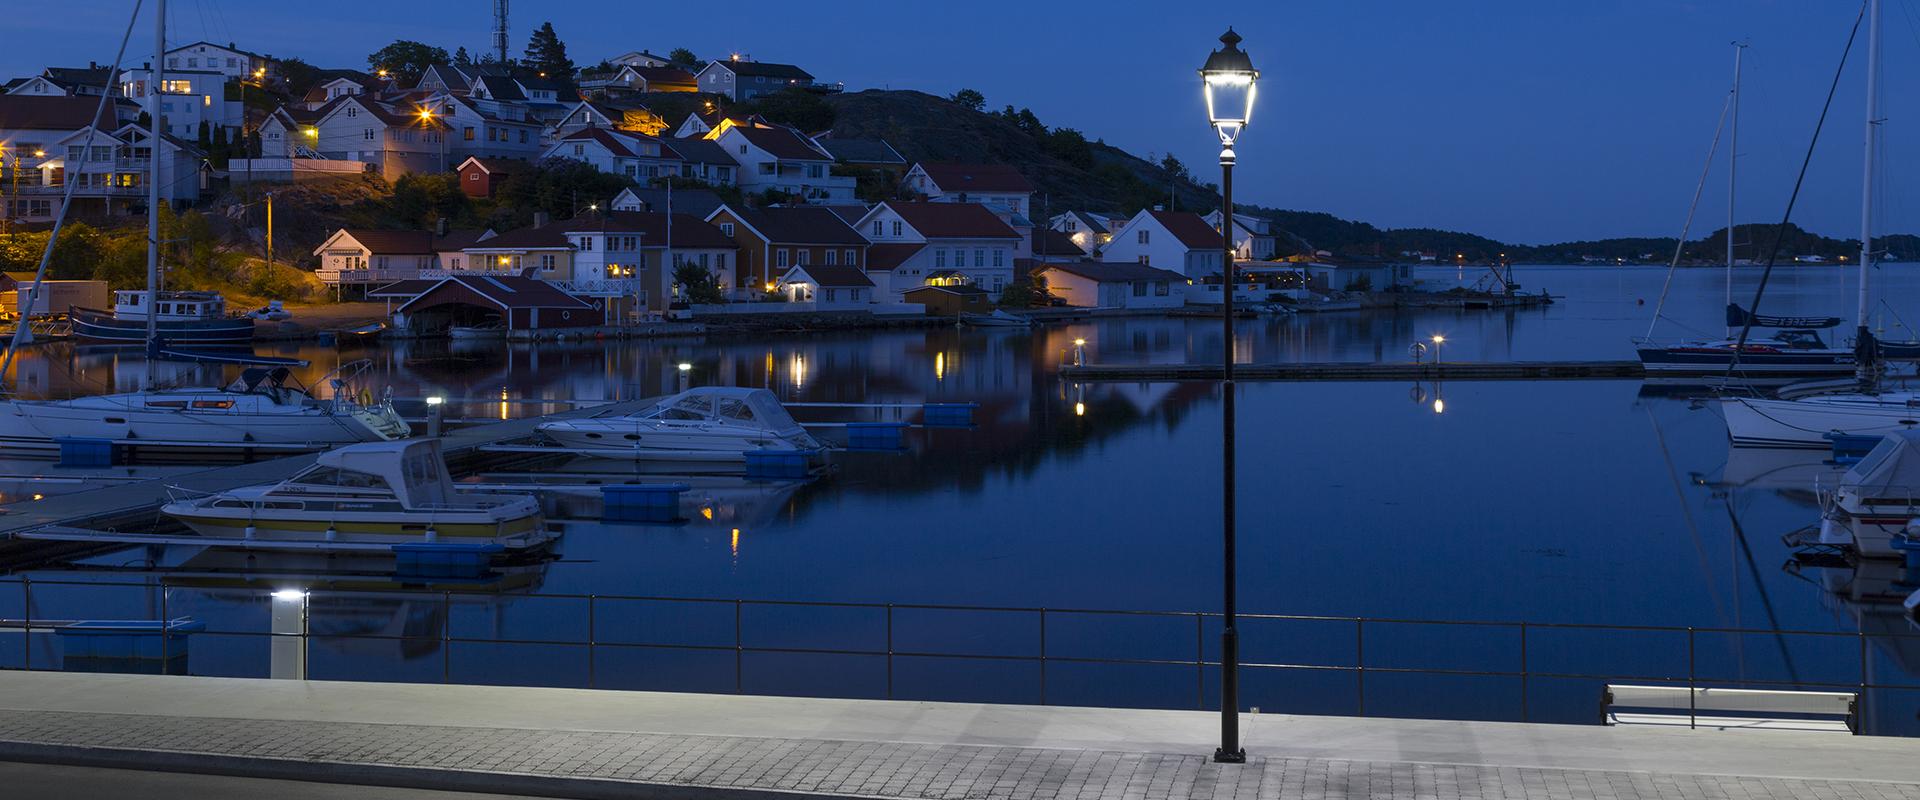 Lanterna artistica a LED per illuminazione pubblica - Siena AEC Illuminazione